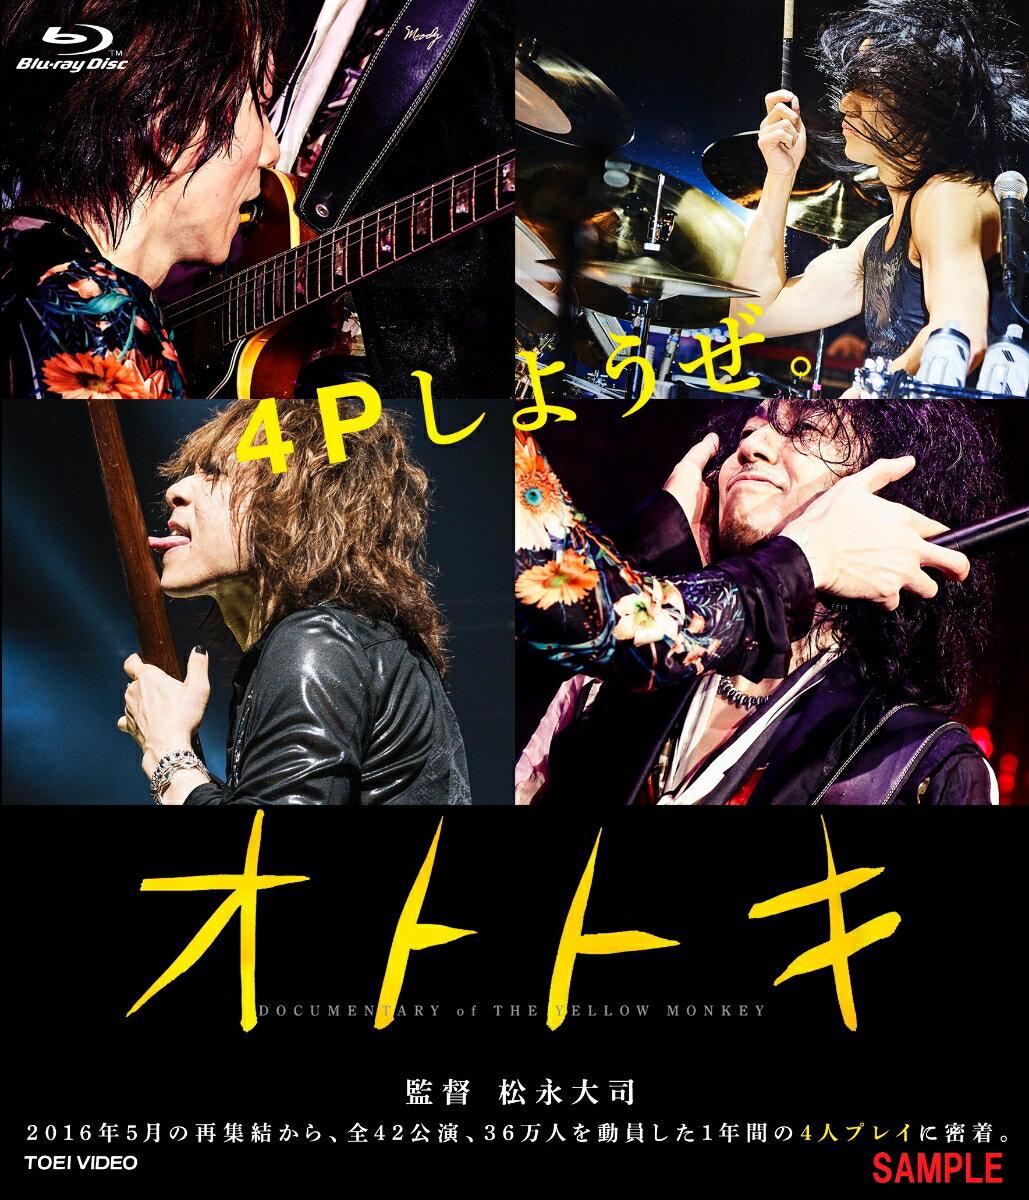 オトトキ 豪華版【Blu-ray】 [ THE YELLOW MONKEY ]